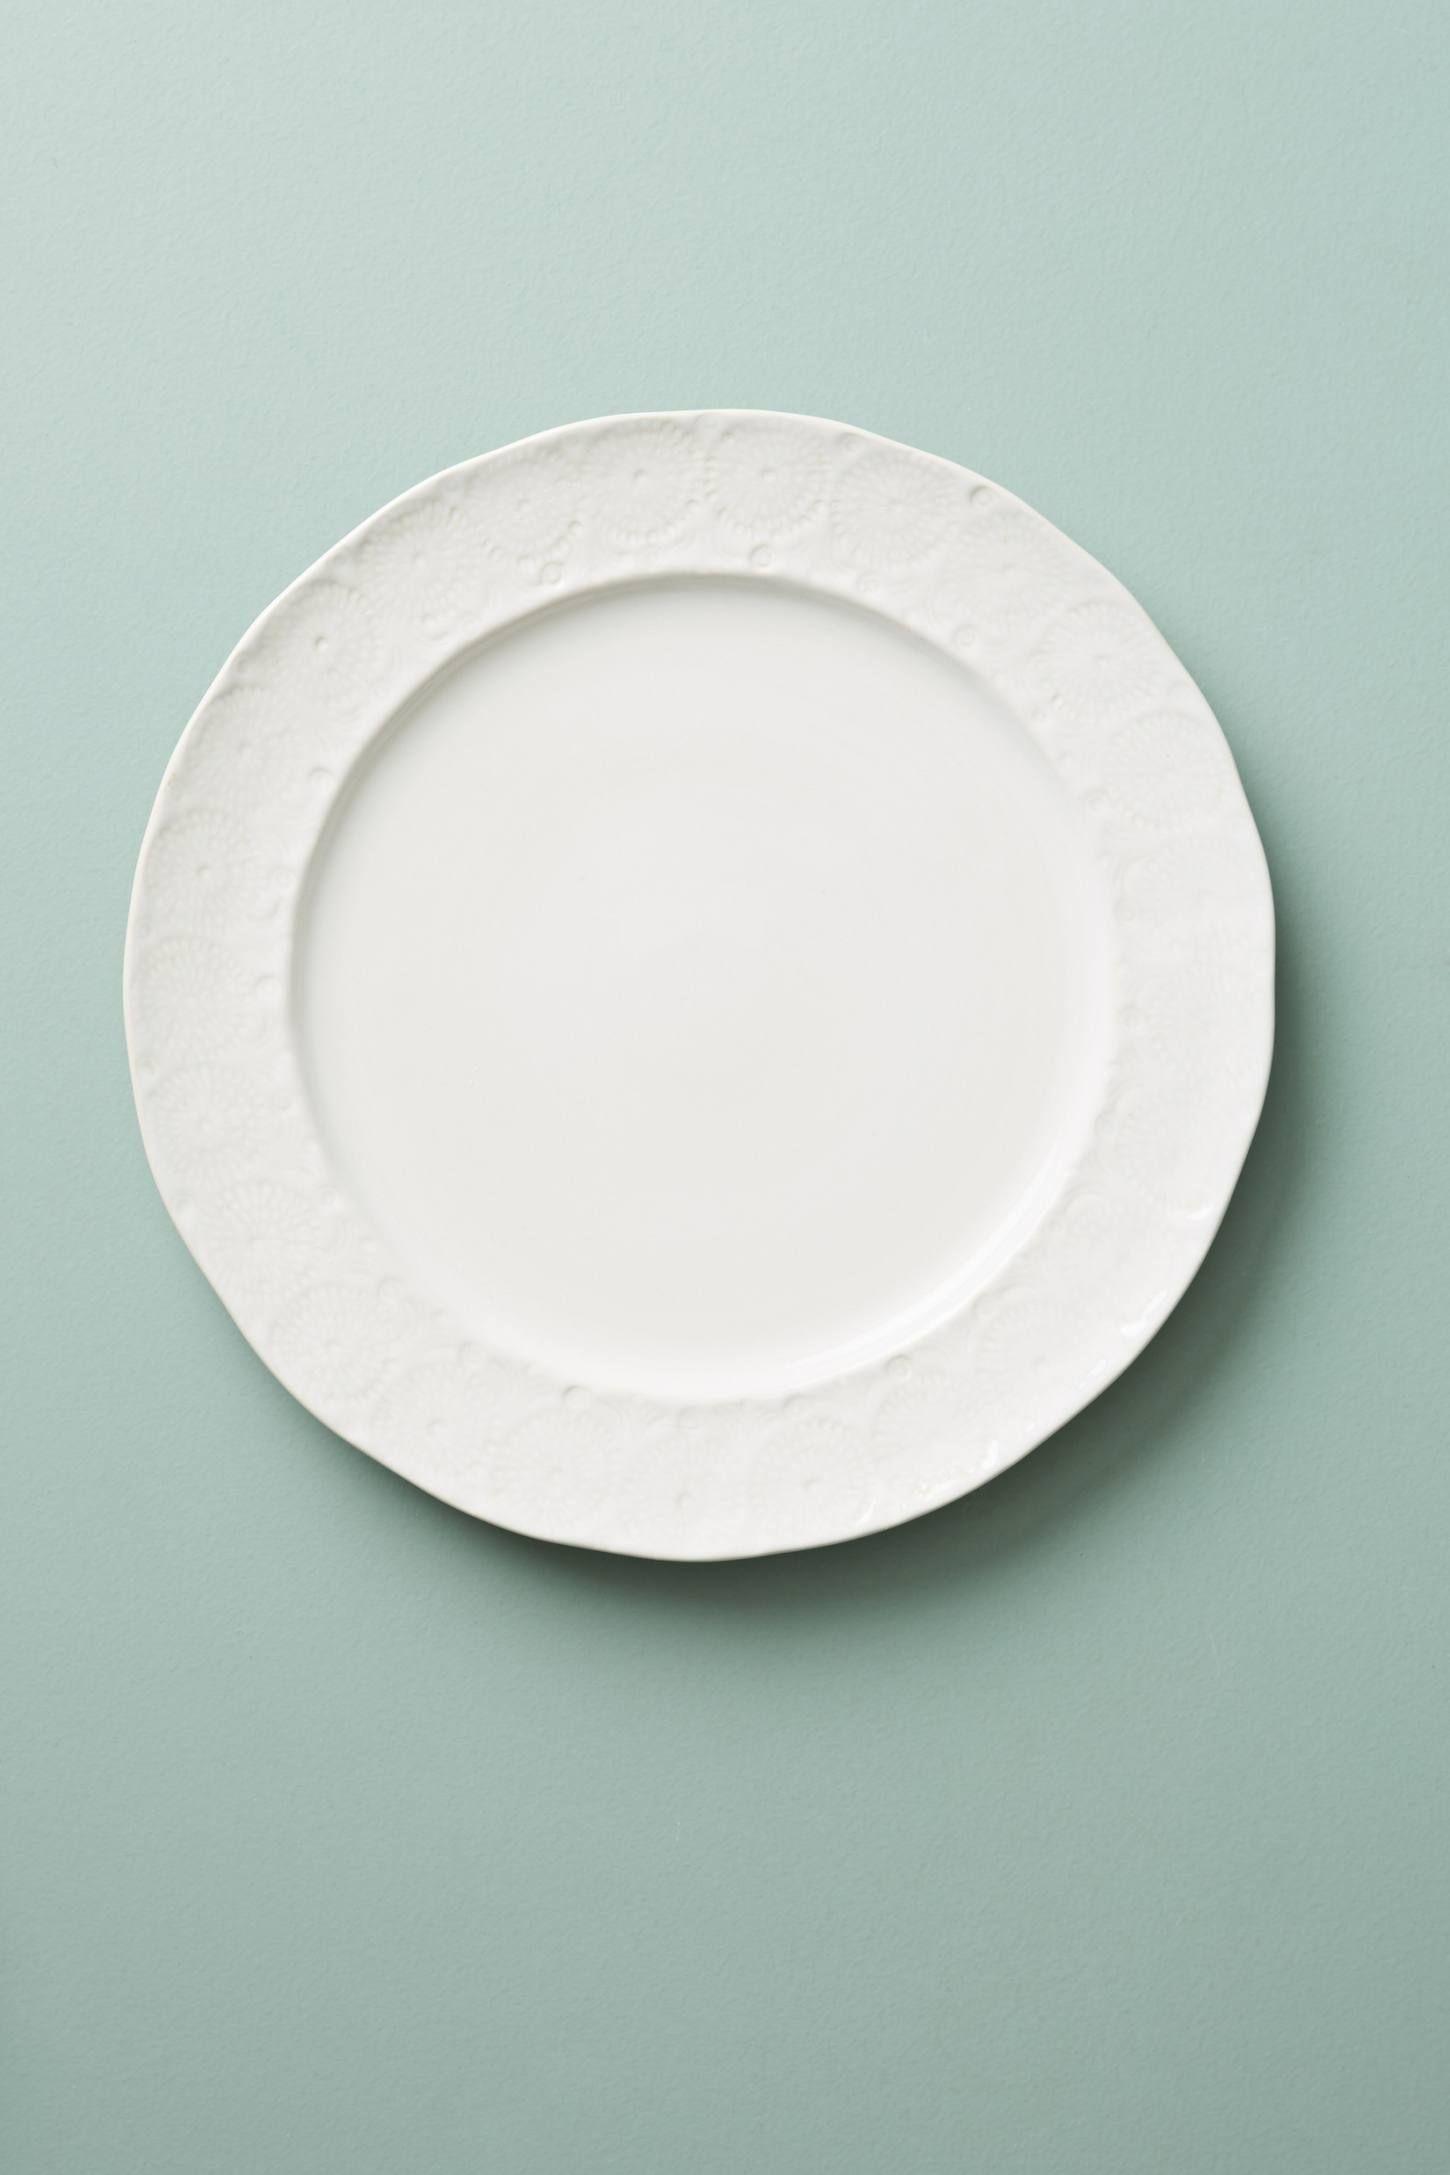 Old Havana Dinner Plate Dinner Plates Plates White Dinner Plates